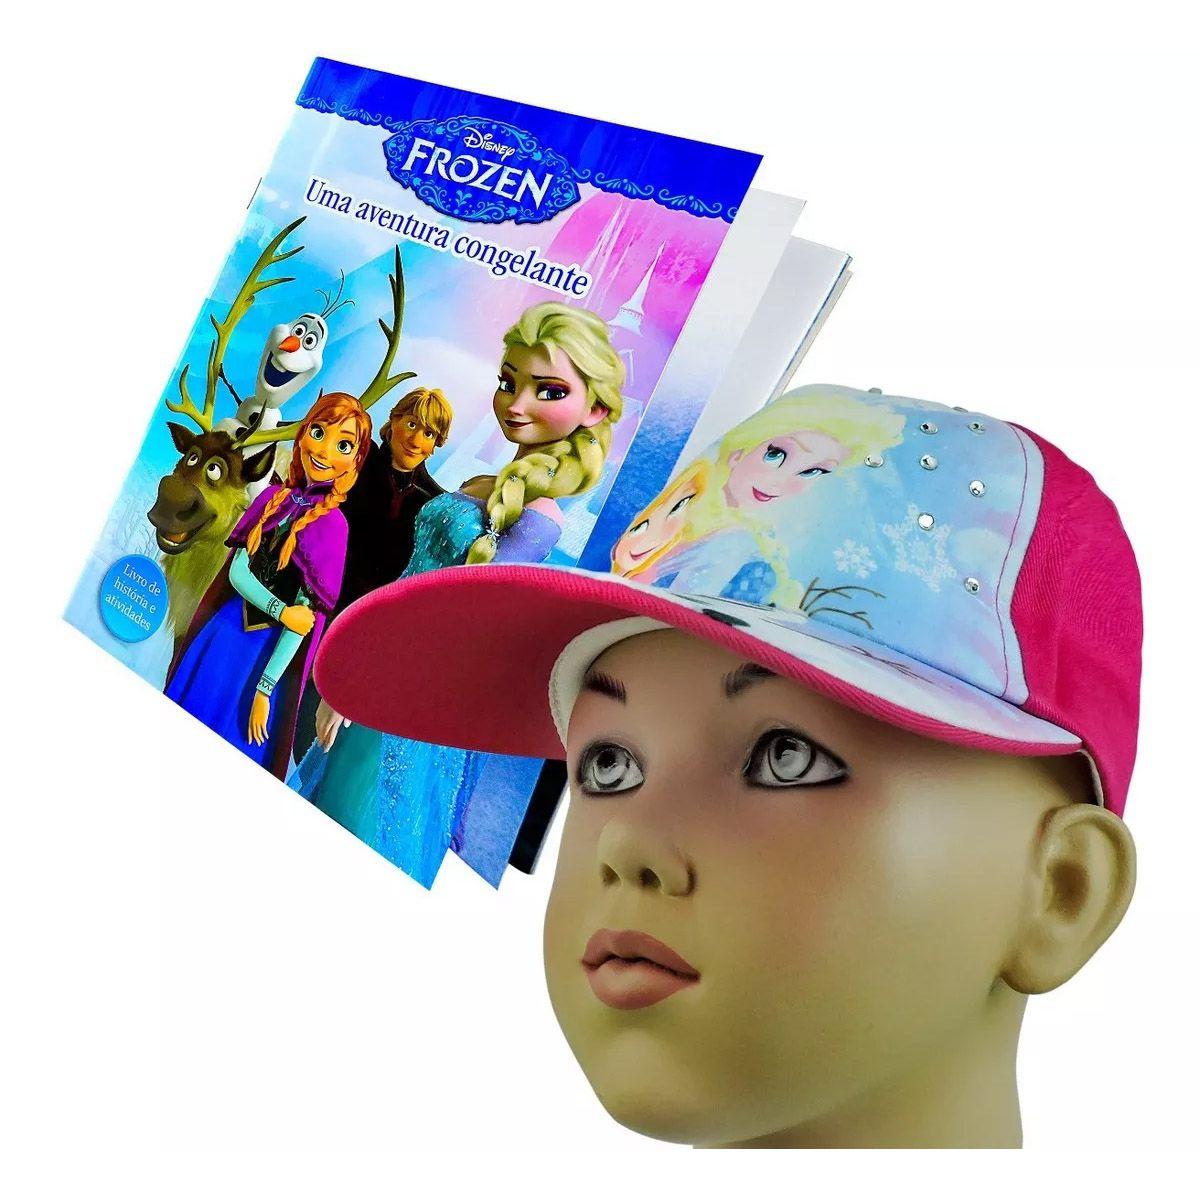 Boné Frozen + Livro de História com Atividades Disney